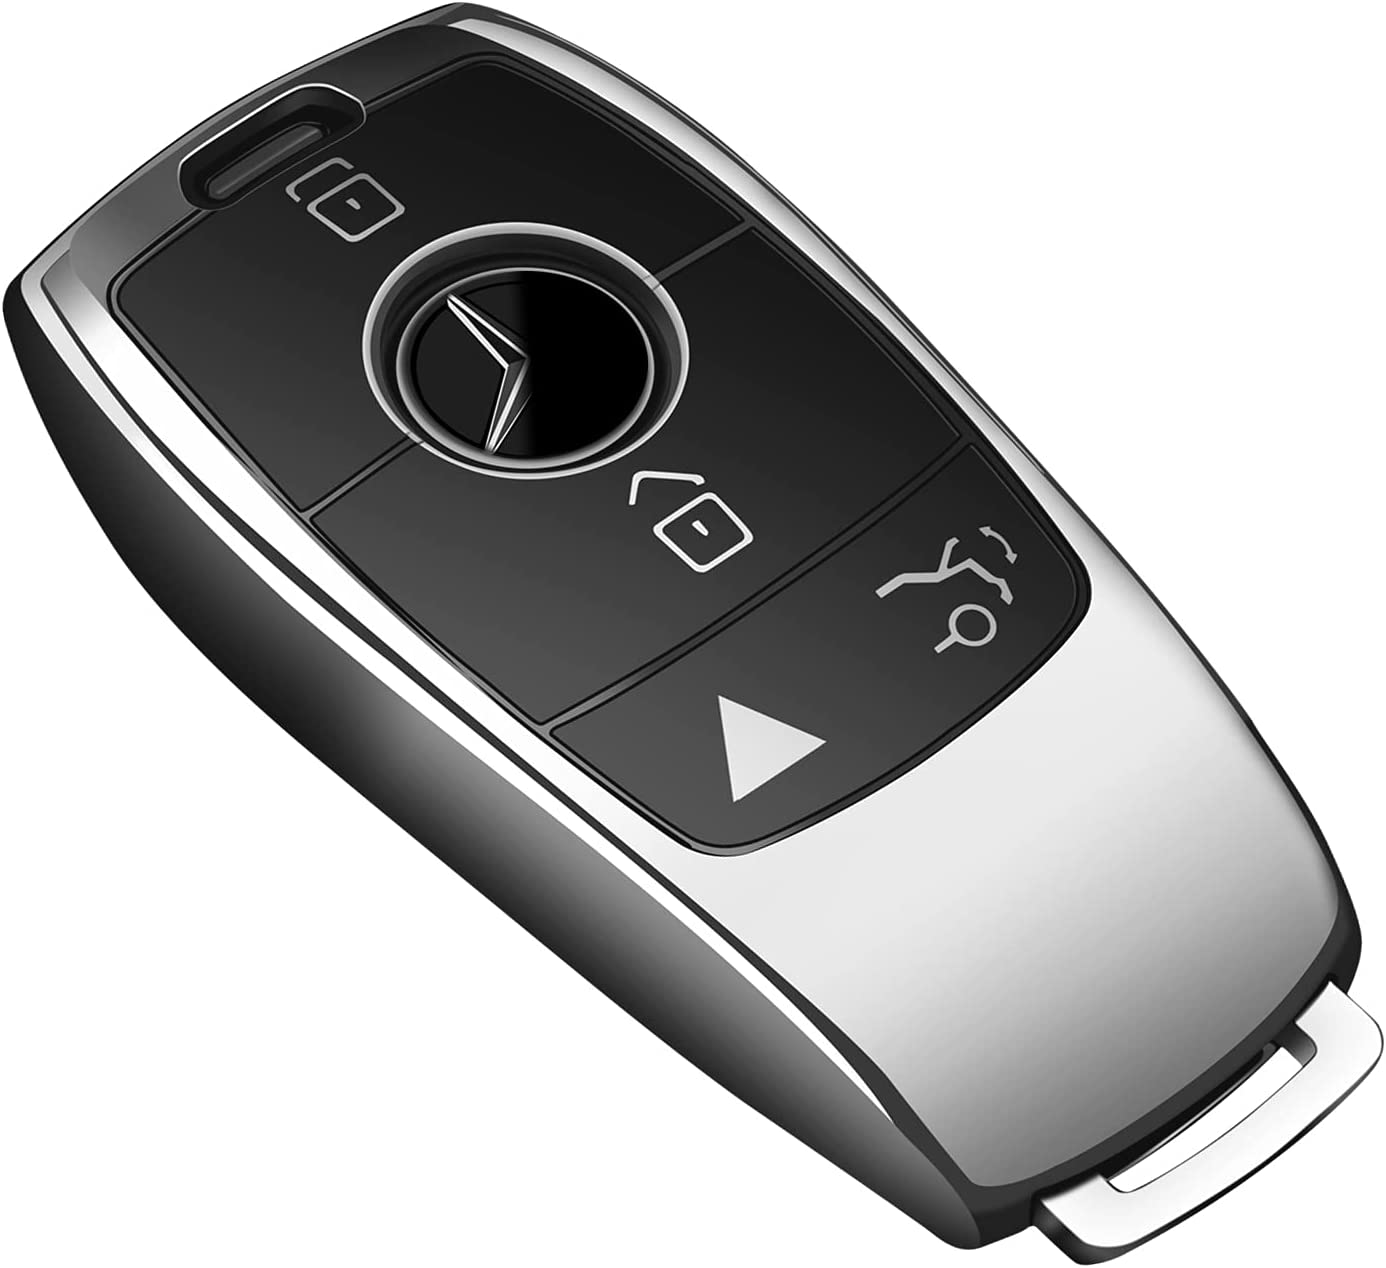 Max 60% OFF Tukellen for Mercedes Benz key fob cover Max 44% OFF TPU Soft Special Key Ca